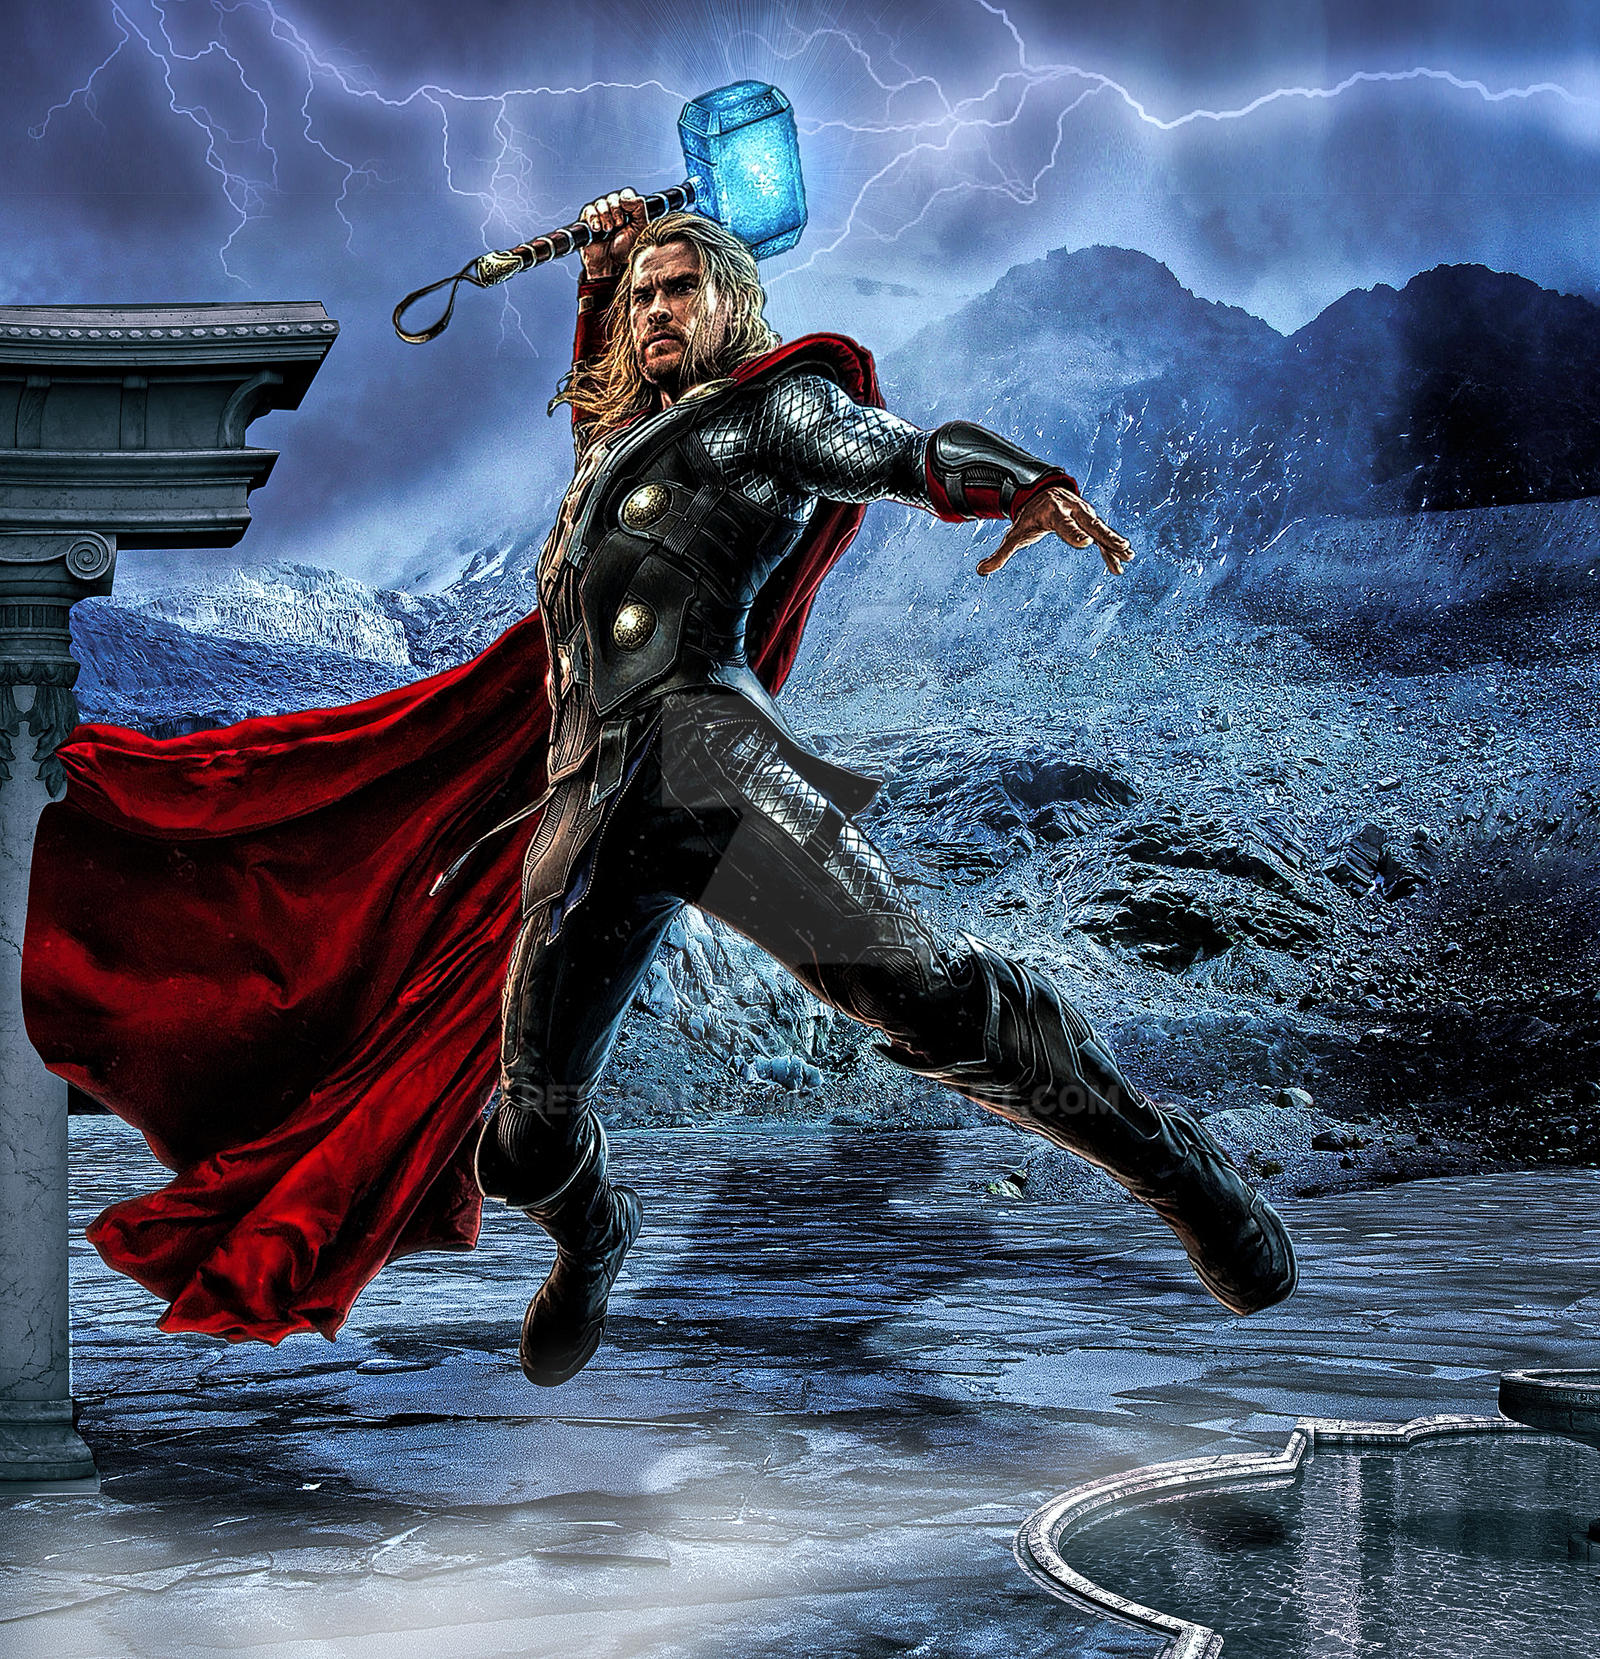 Thor - Reto Saluz by RetoSaluz